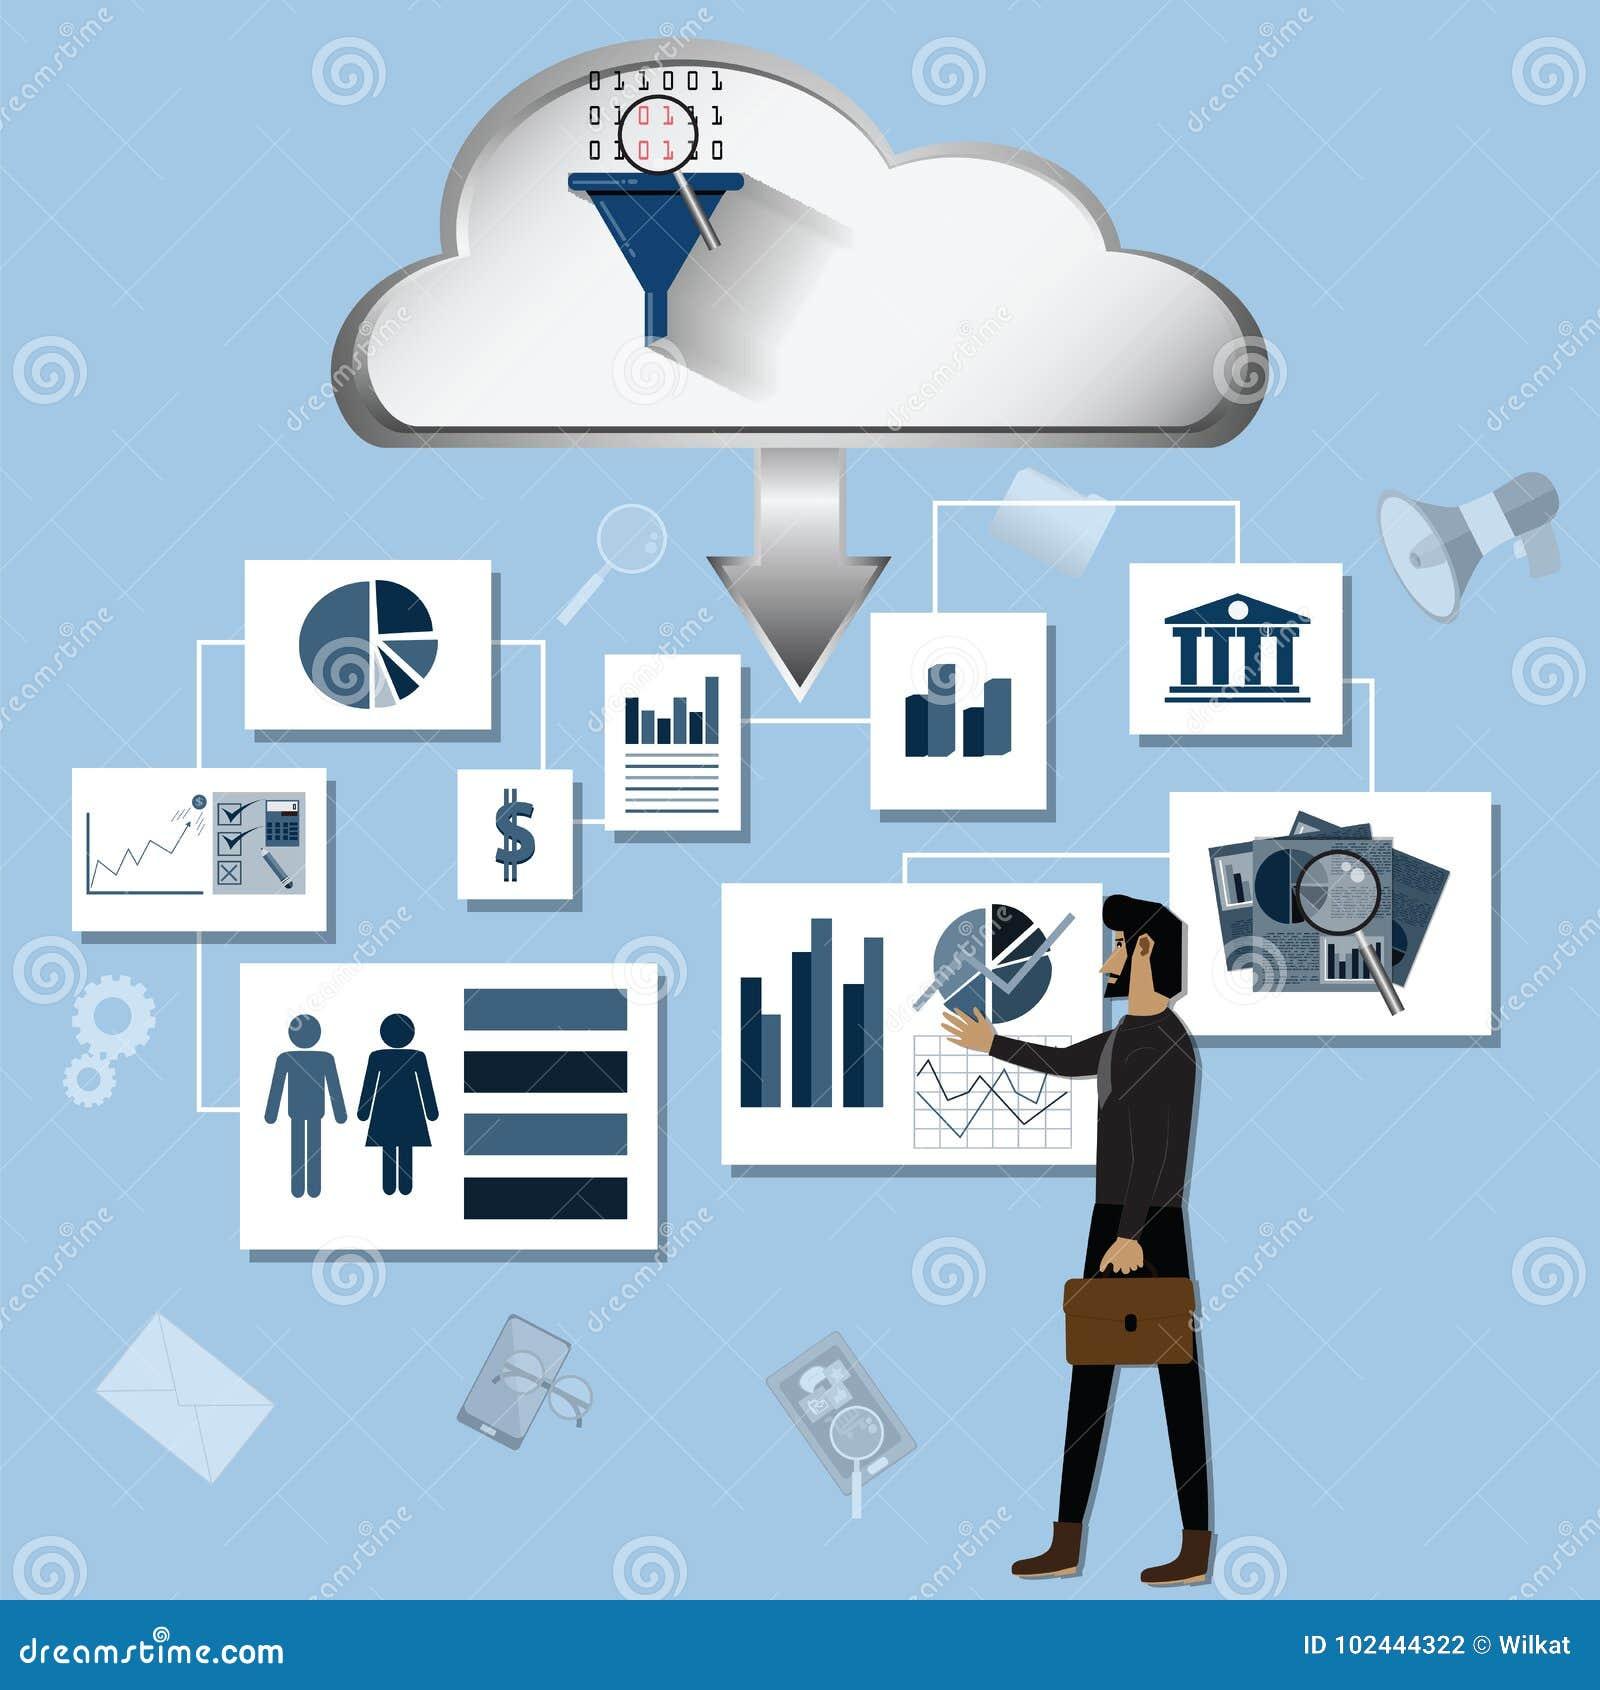 Big Data Concept,Big Data In Marketing,e-commerce - Vector